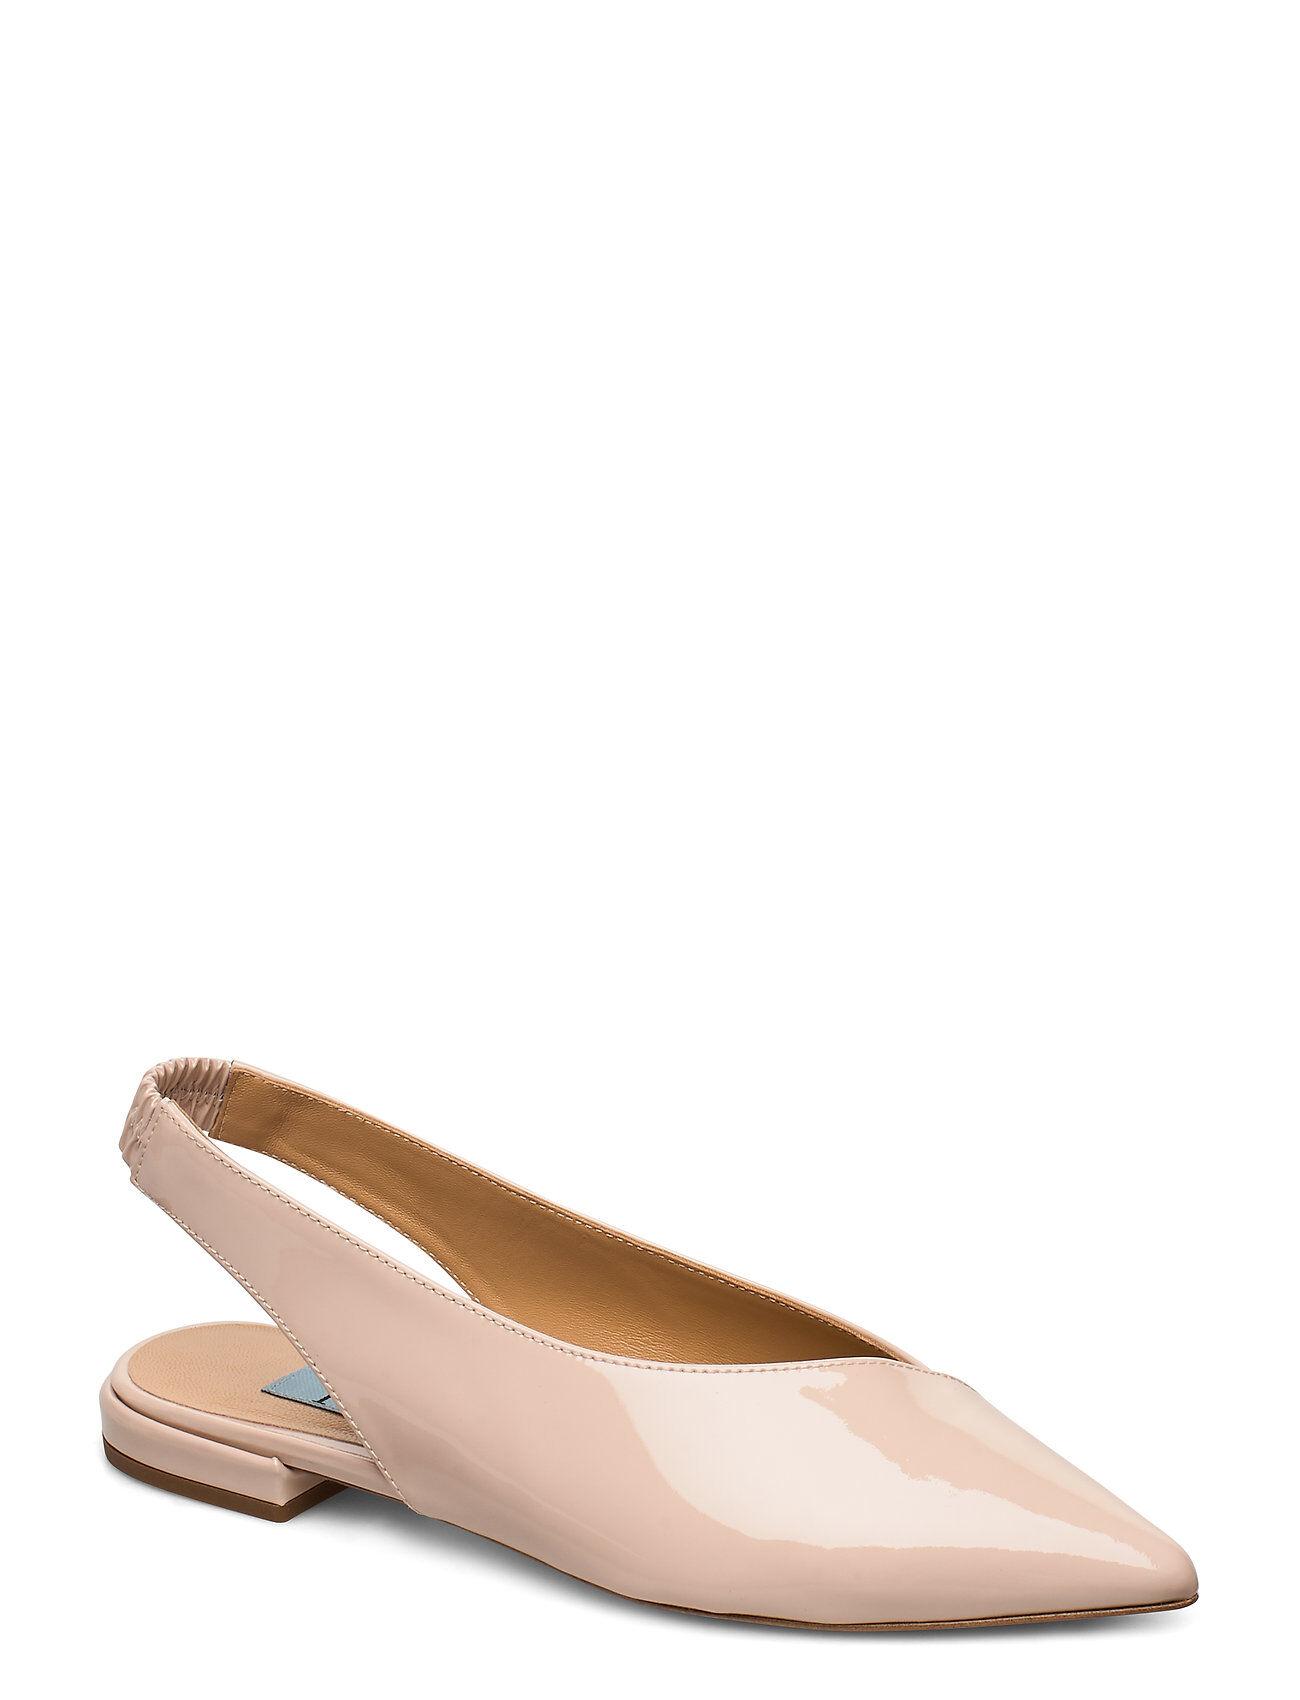 Apair Slingback Flat Shoes Heels Pumps Sling Backs Vaaleanpunainen Apair